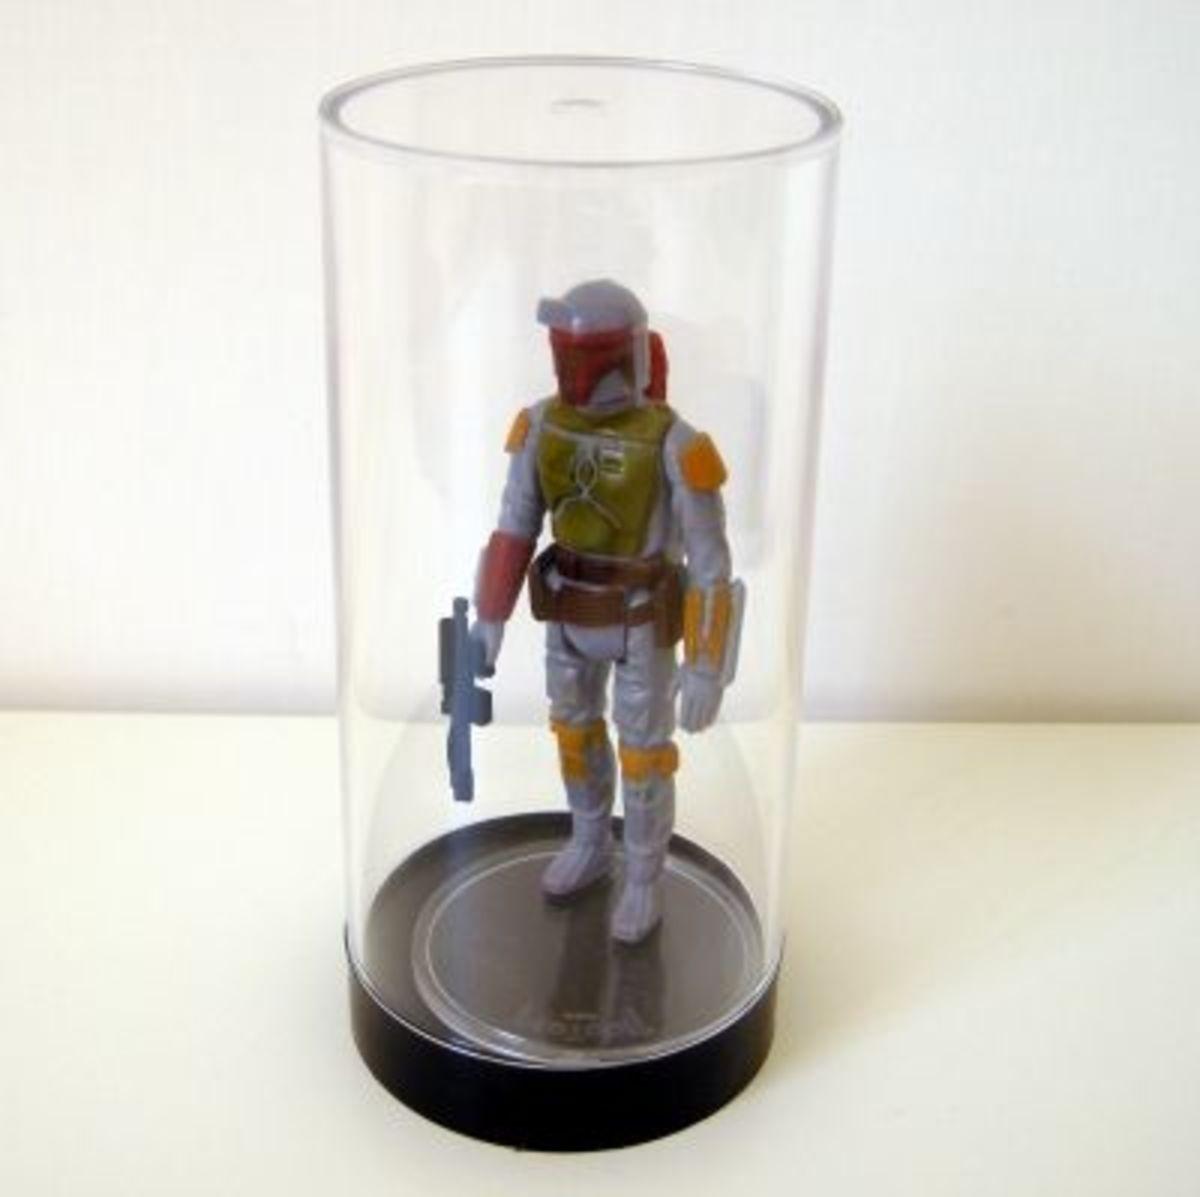 Protech display case for vintage Star Wars figures